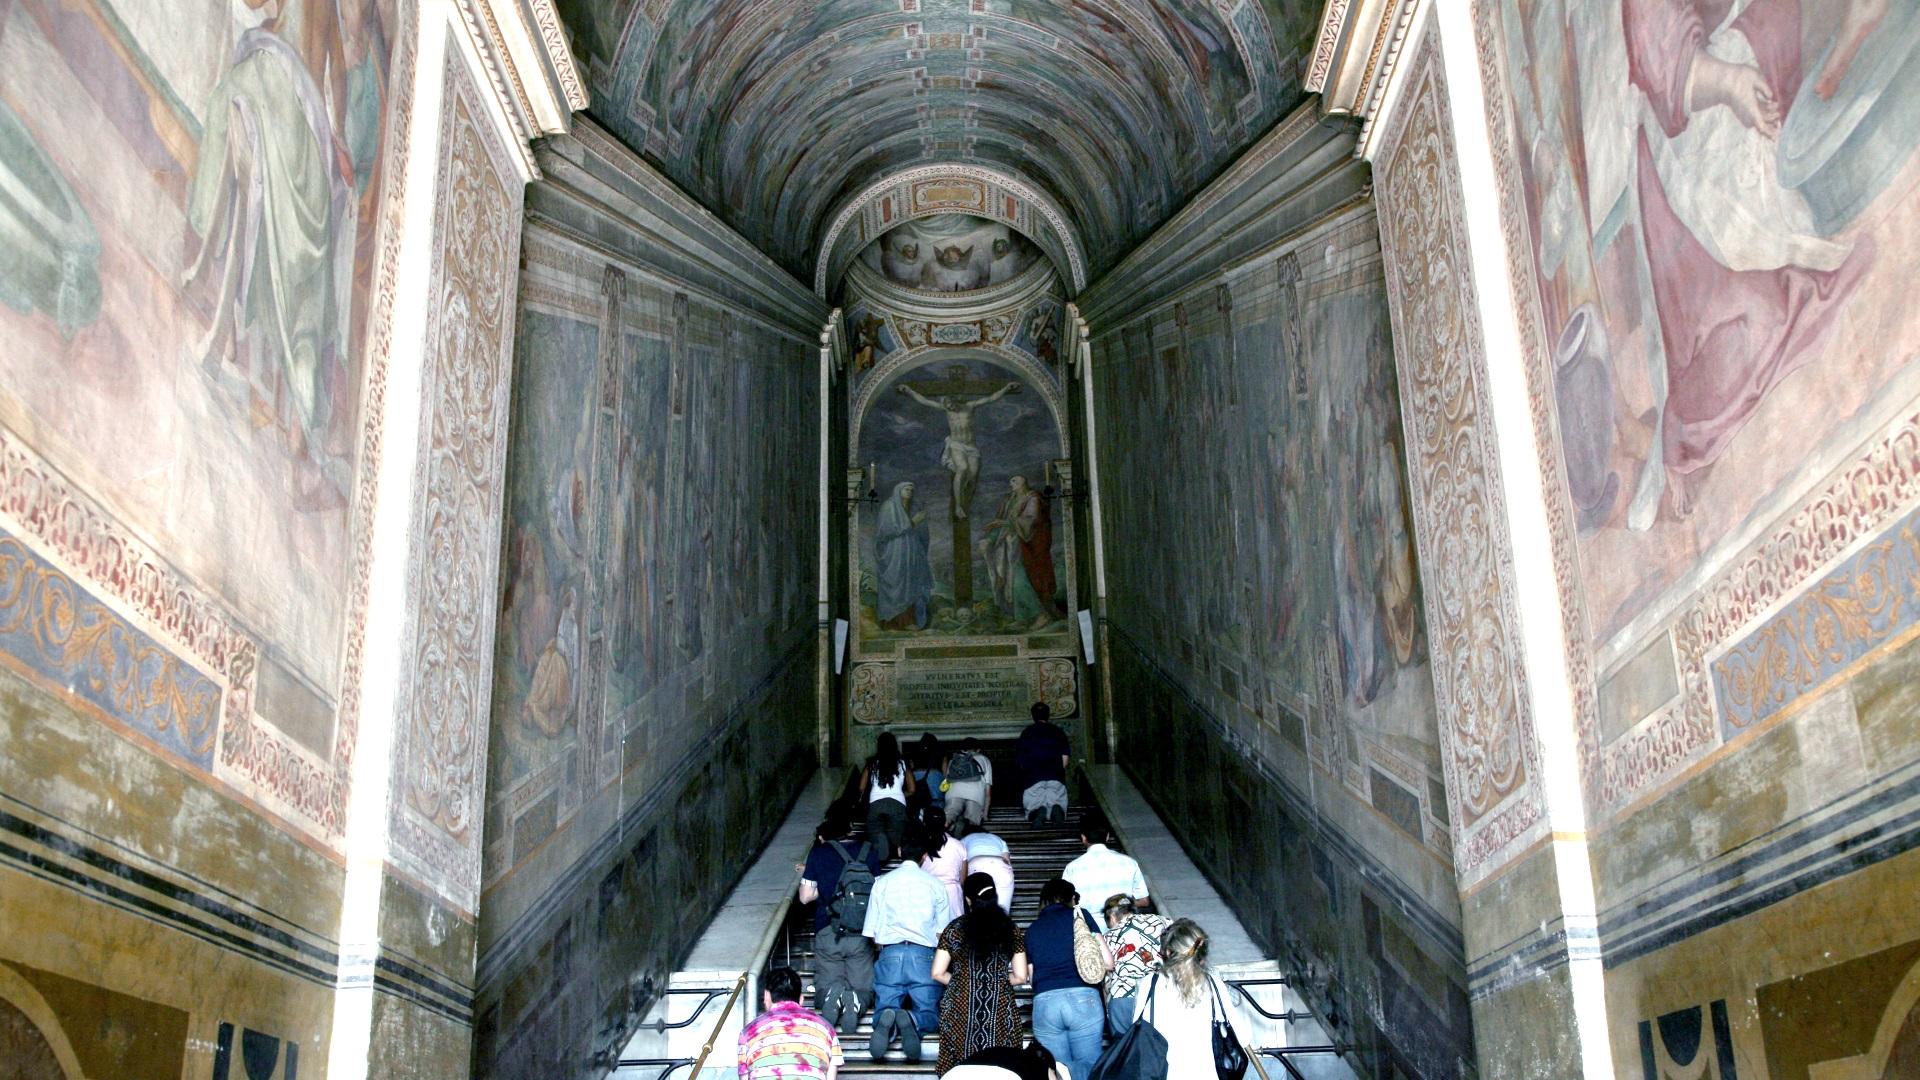 Никой все още не знае дали Светите стъпала, които са били пренесени в Рим, наистина са били същите като тези в Ерусалим отпреди две хилядолетия. Но с напредването на науката вярващите се надяват този факт да бъде установен.